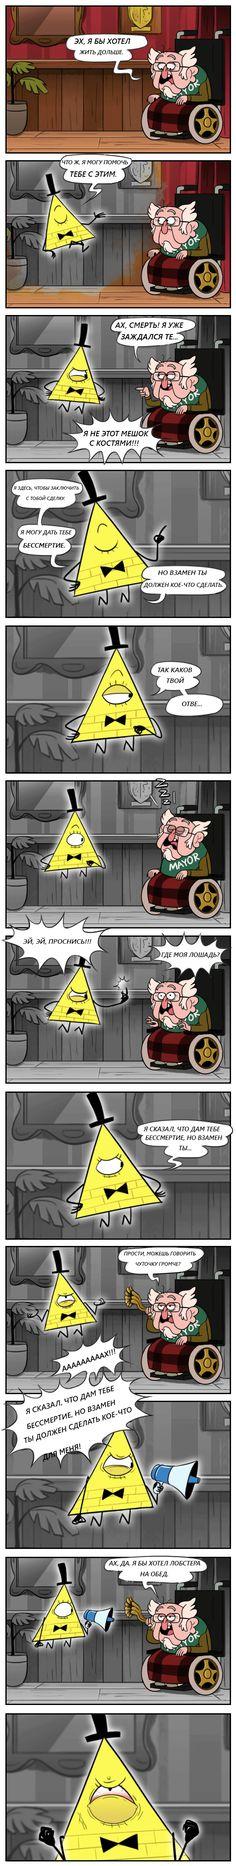 ГФ Комикс. Мэр и Билл